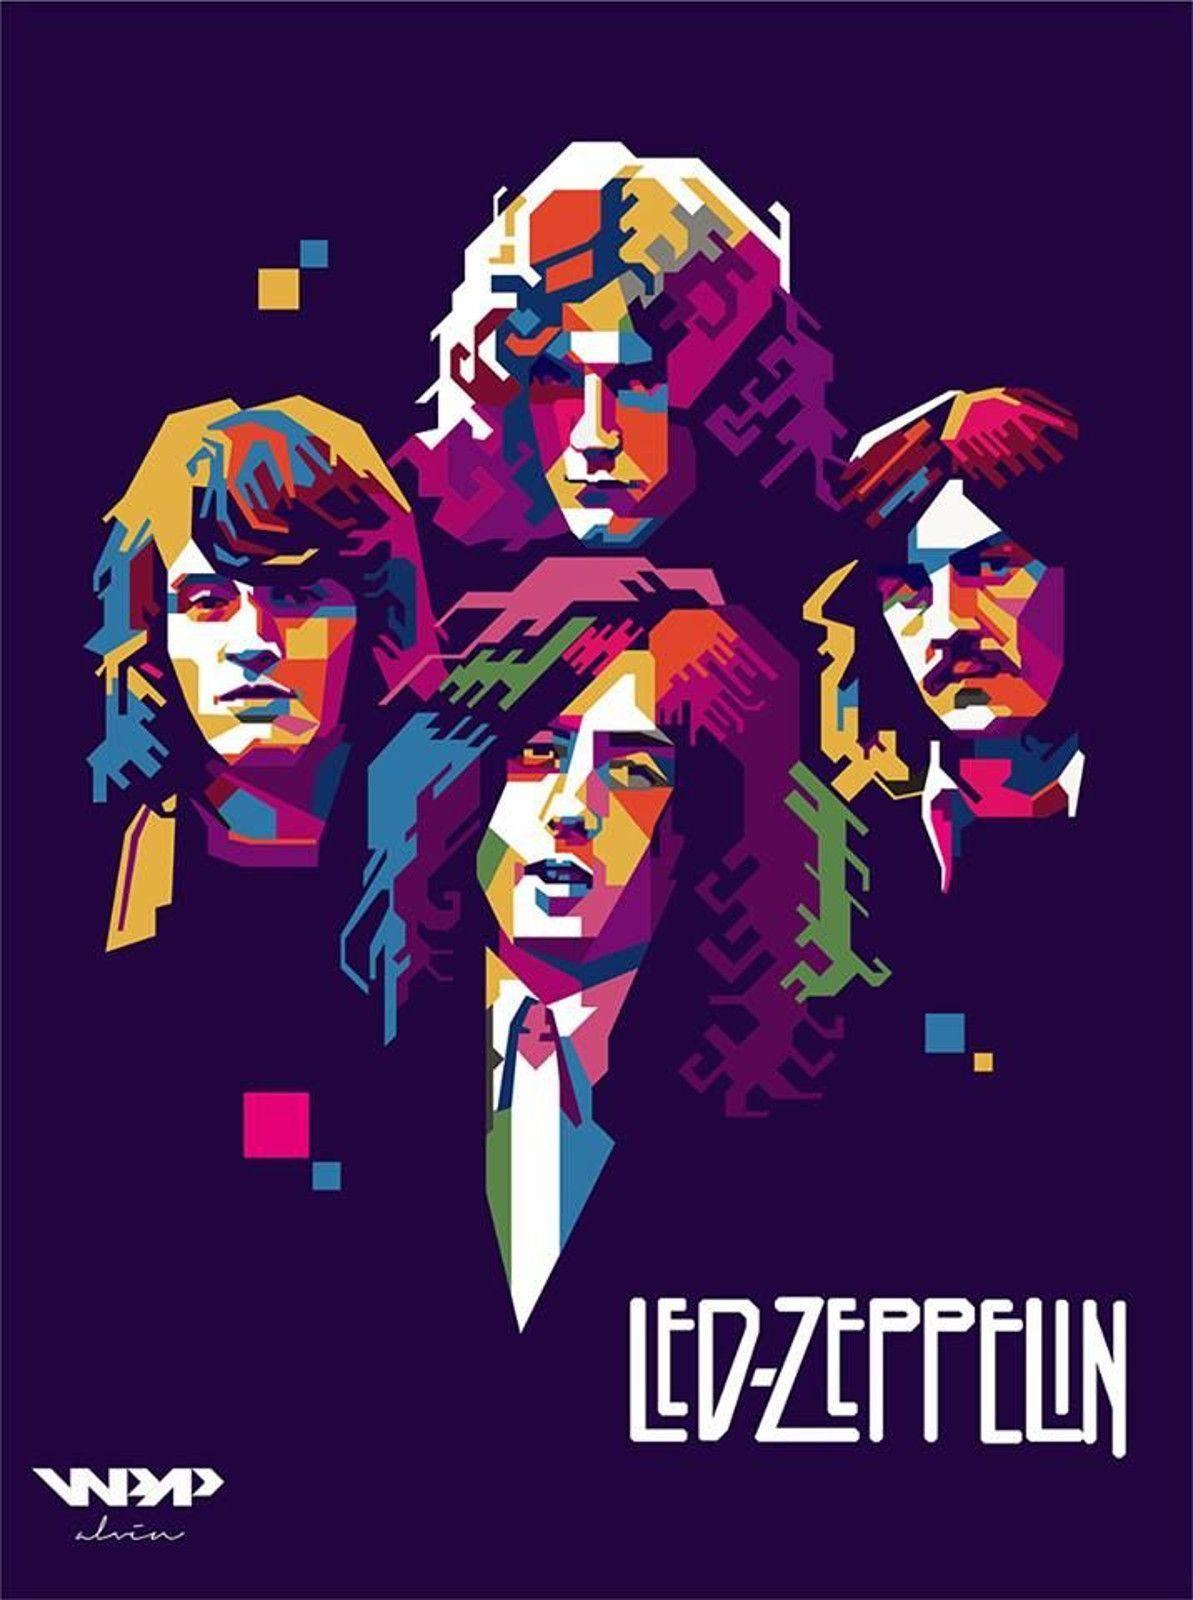 Led Zeppelin Mini Print A